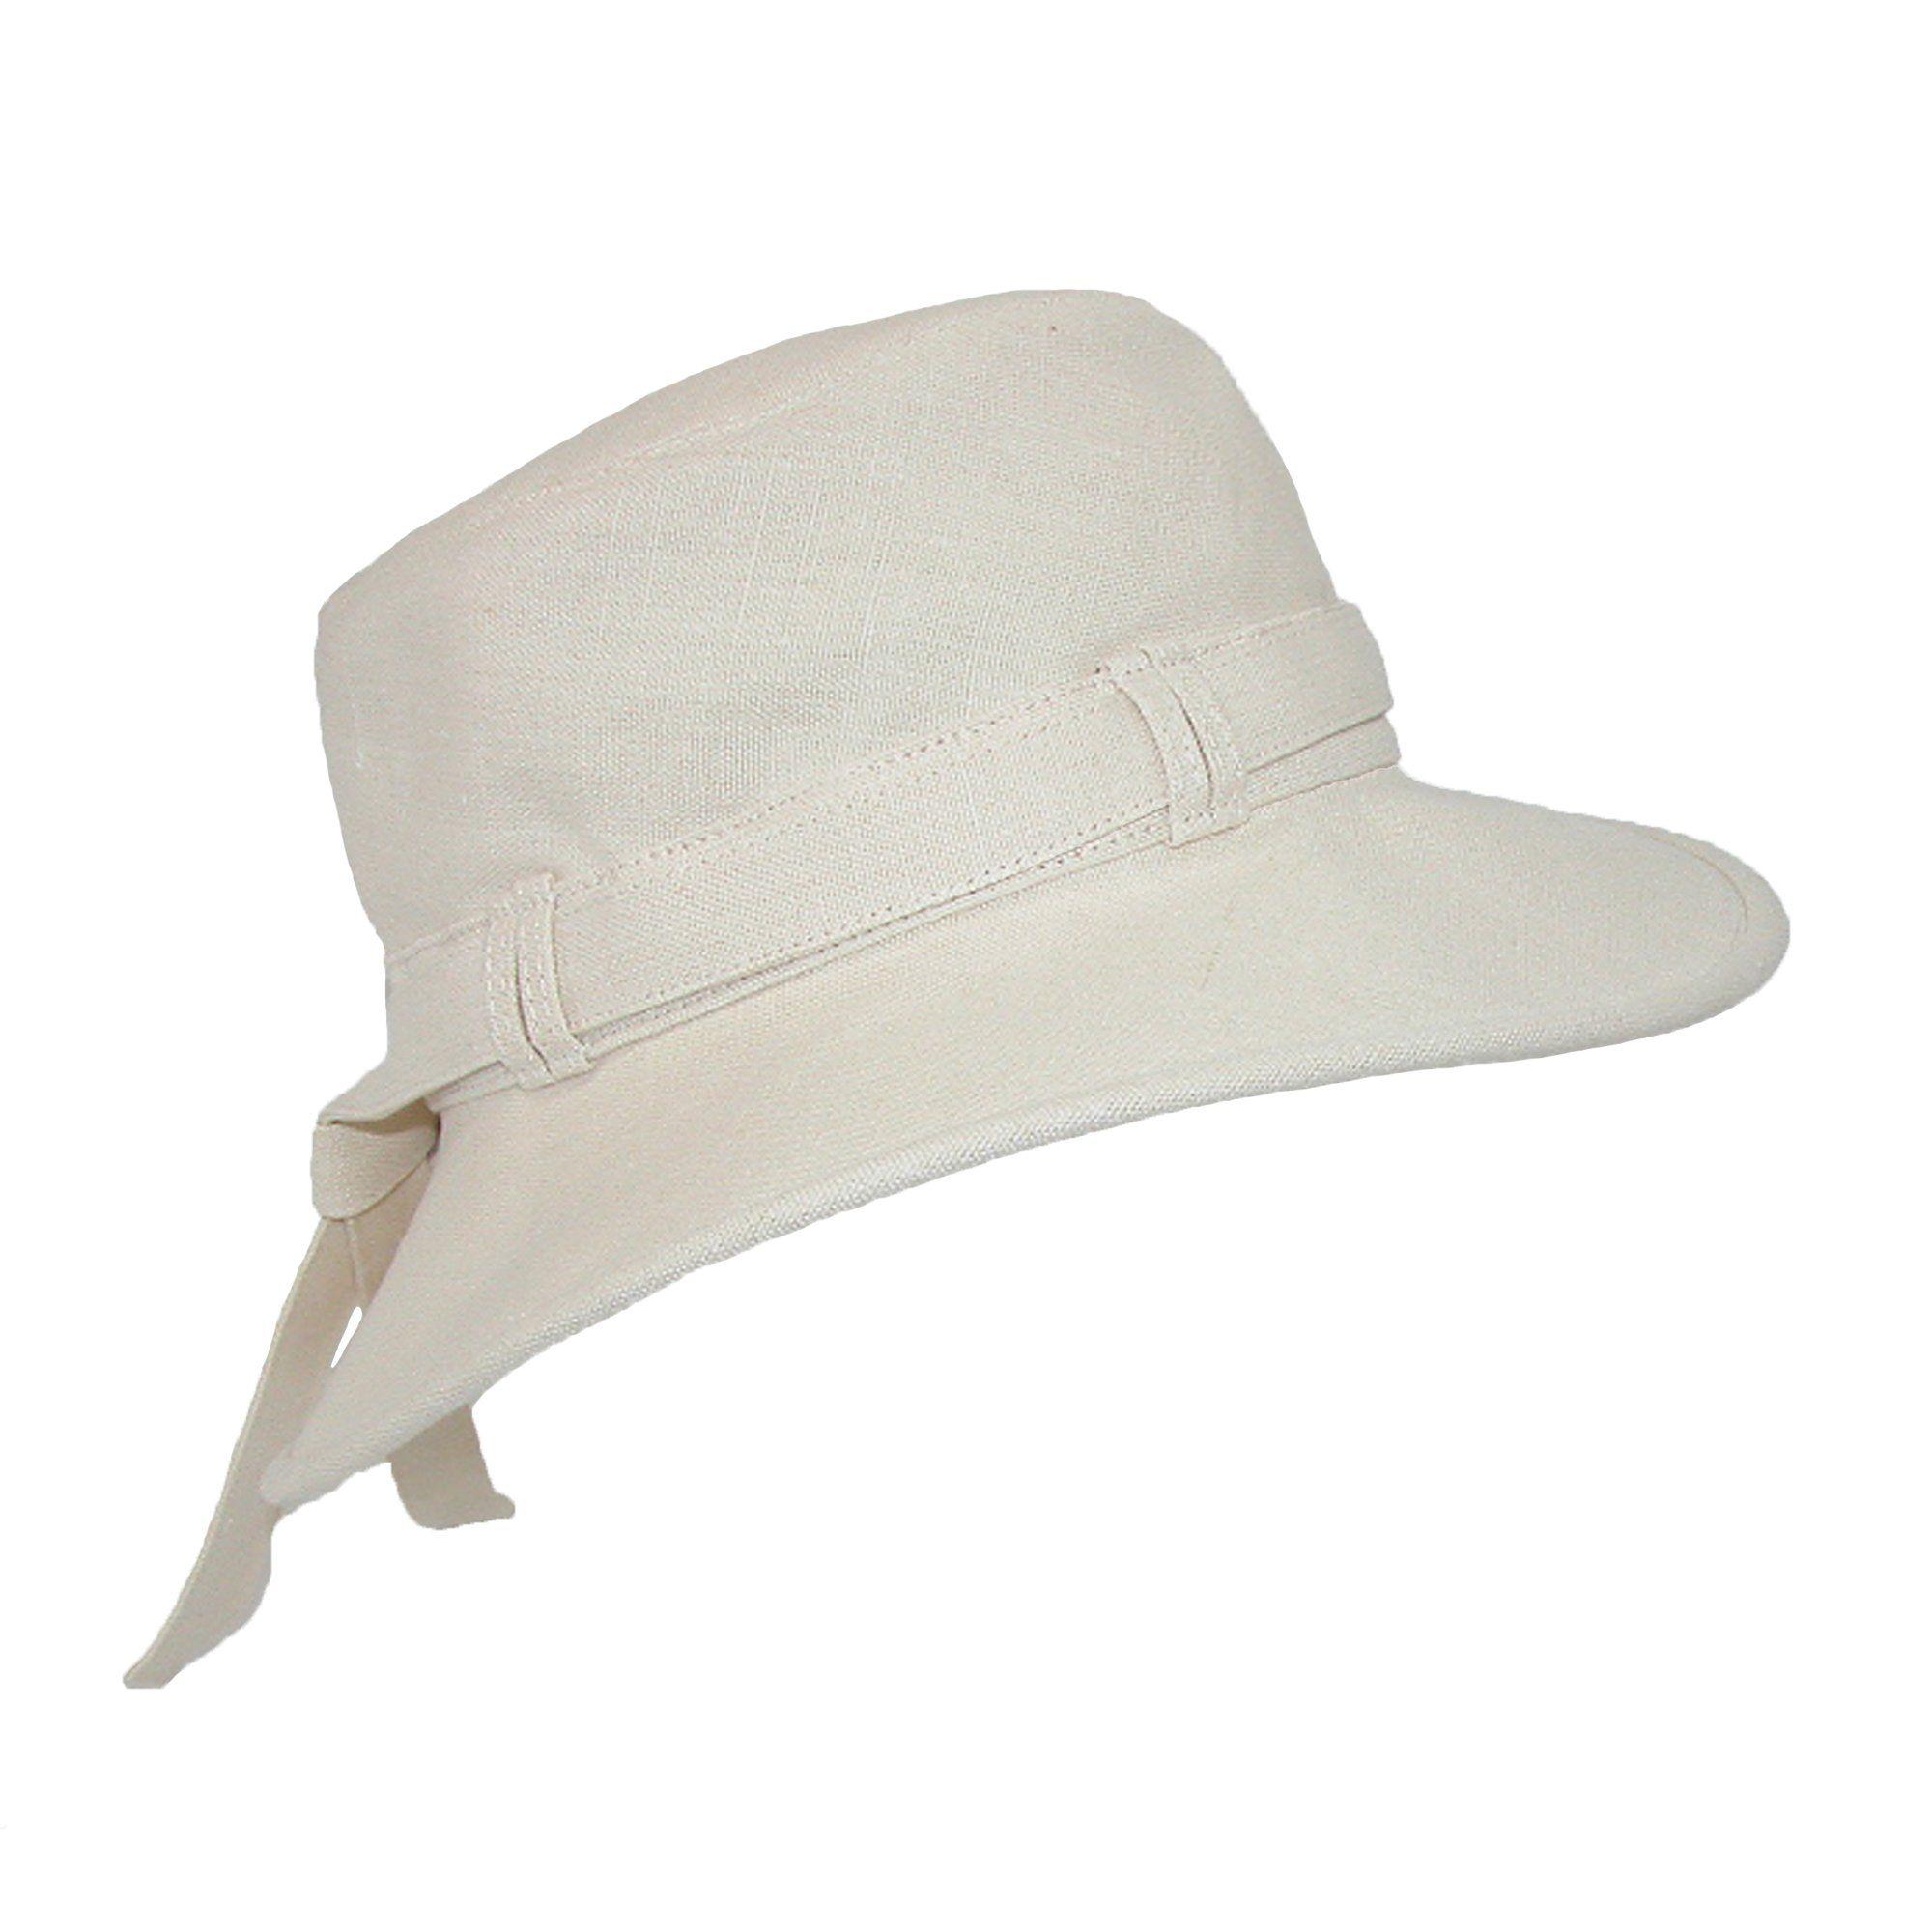 f915b3cf11a01 Tilley Women s TH9 Hemp Sun Hat